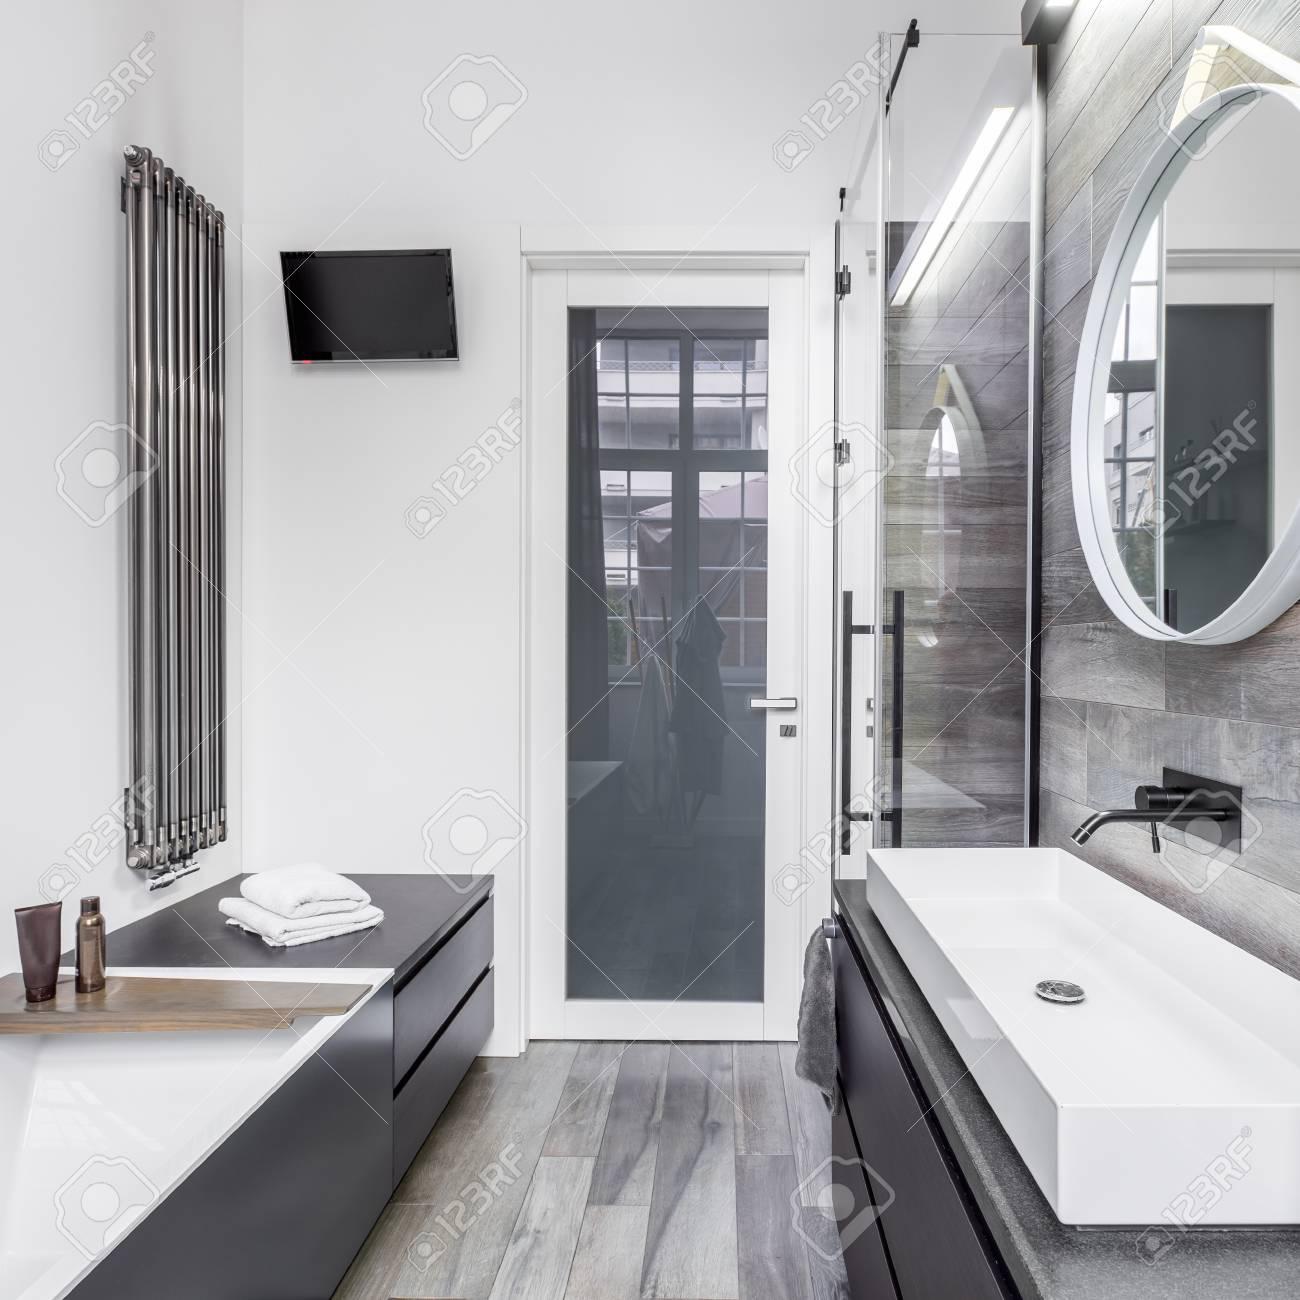 Elegantes Design Im Badezimmer Mit Weißen Wänden Und Holzfliesen ...